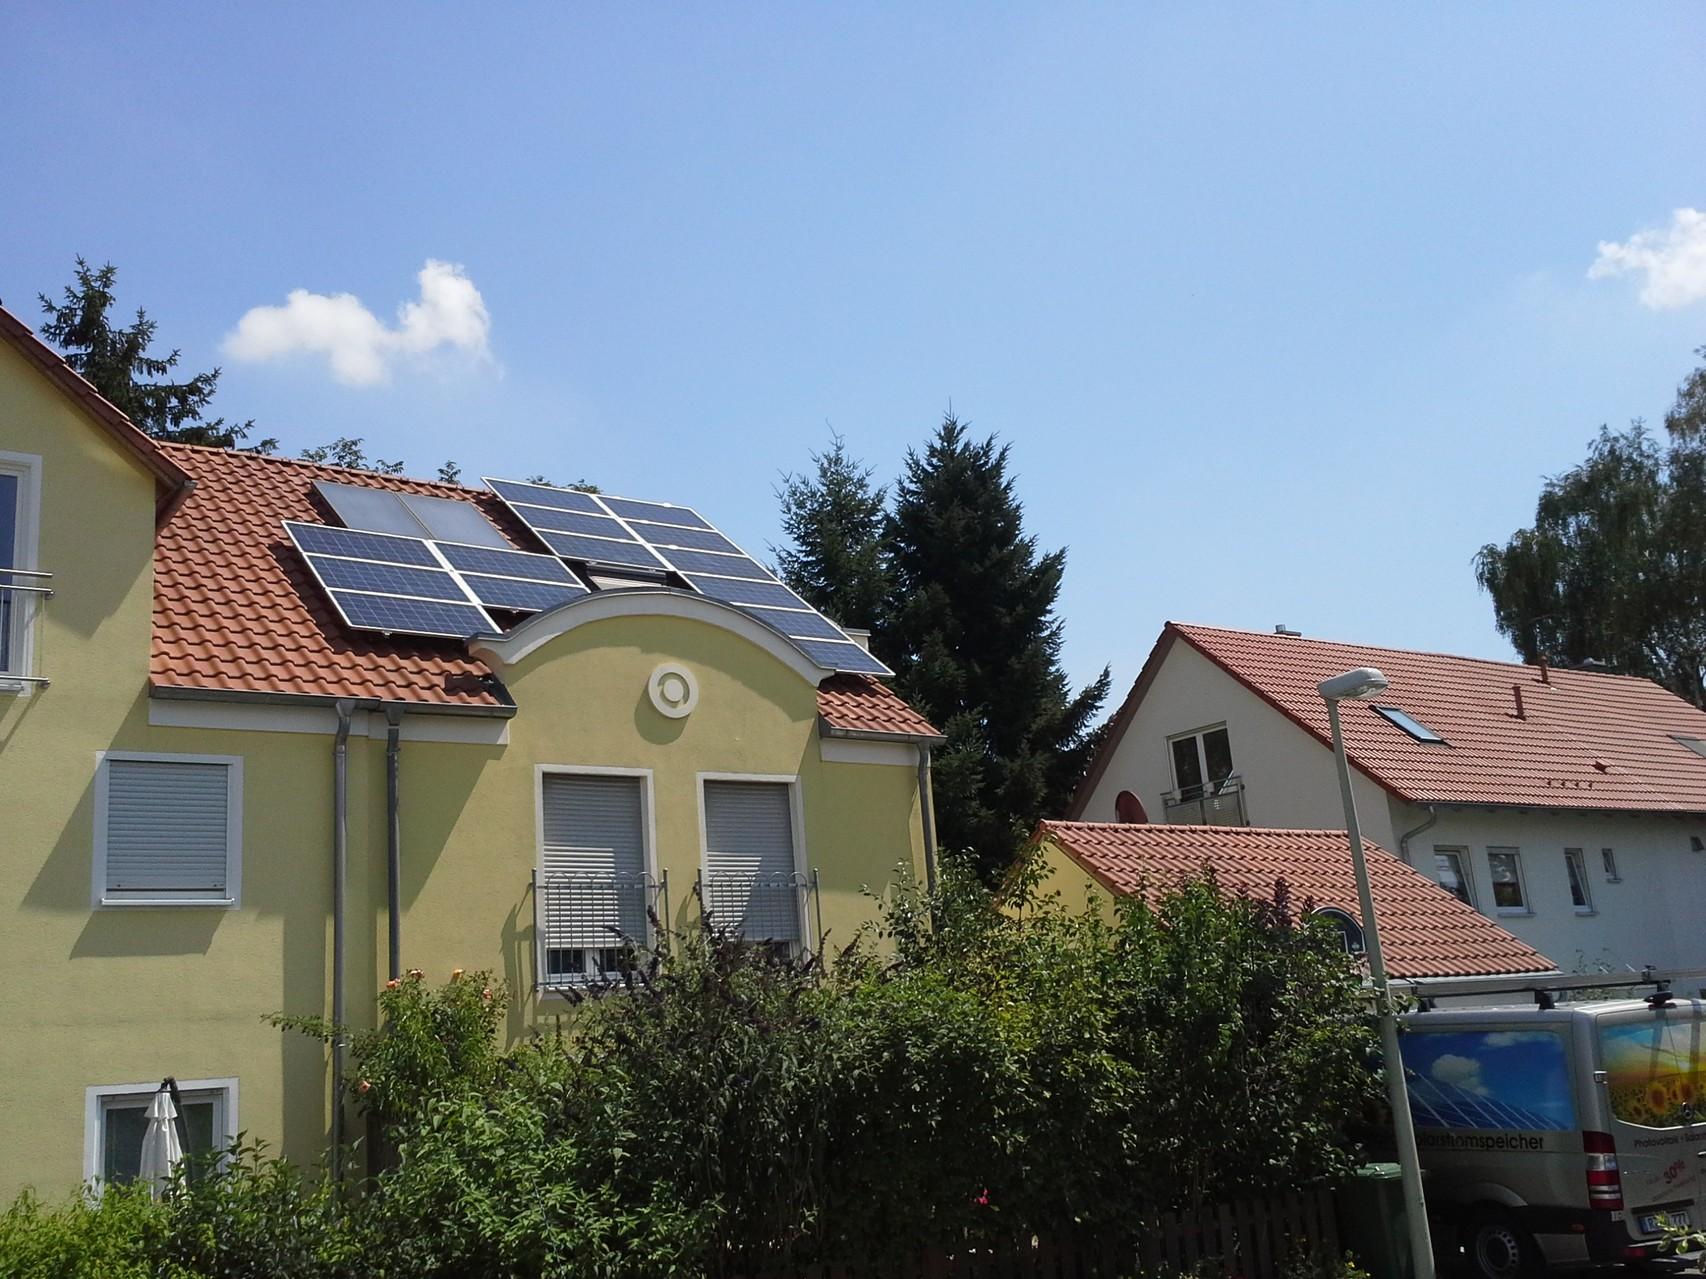 Phototovoltaikanlage 5,2 kWp in 93083 Obertraubling mit Solarfabrik und Senec Speicher